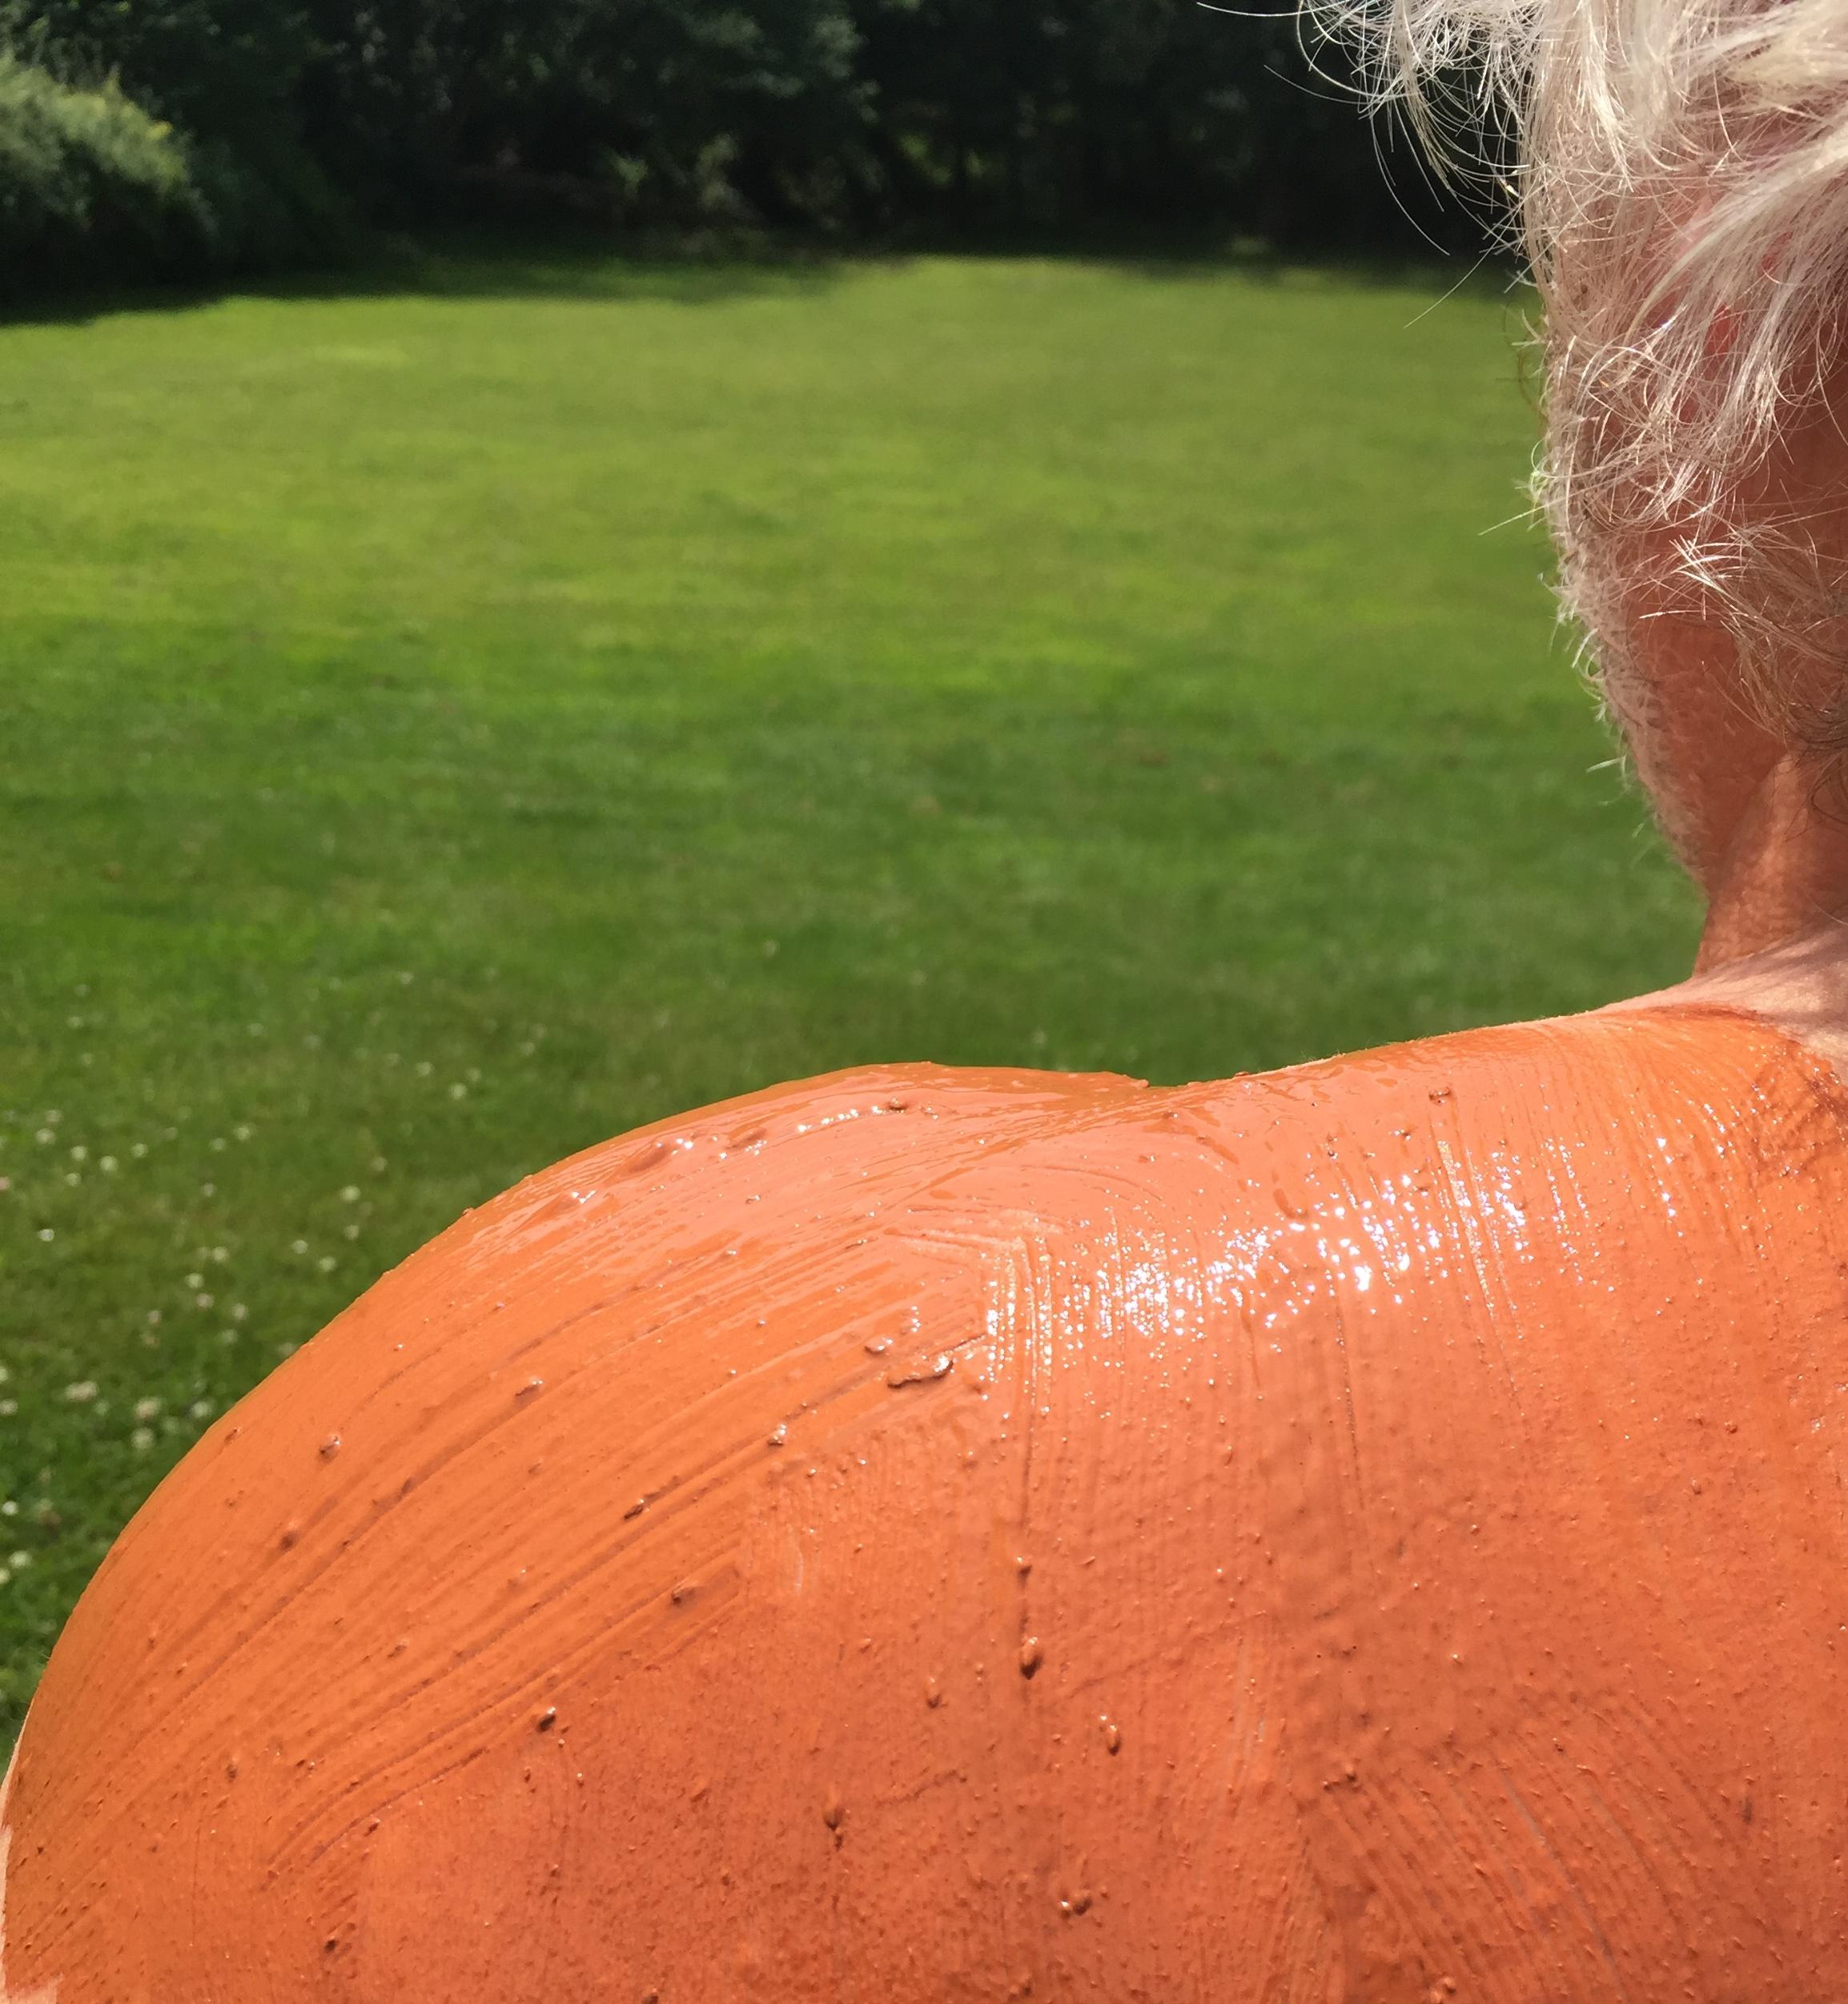 Soigner un coup de soleil sur la peau - Comment soigner coup de soleil ...